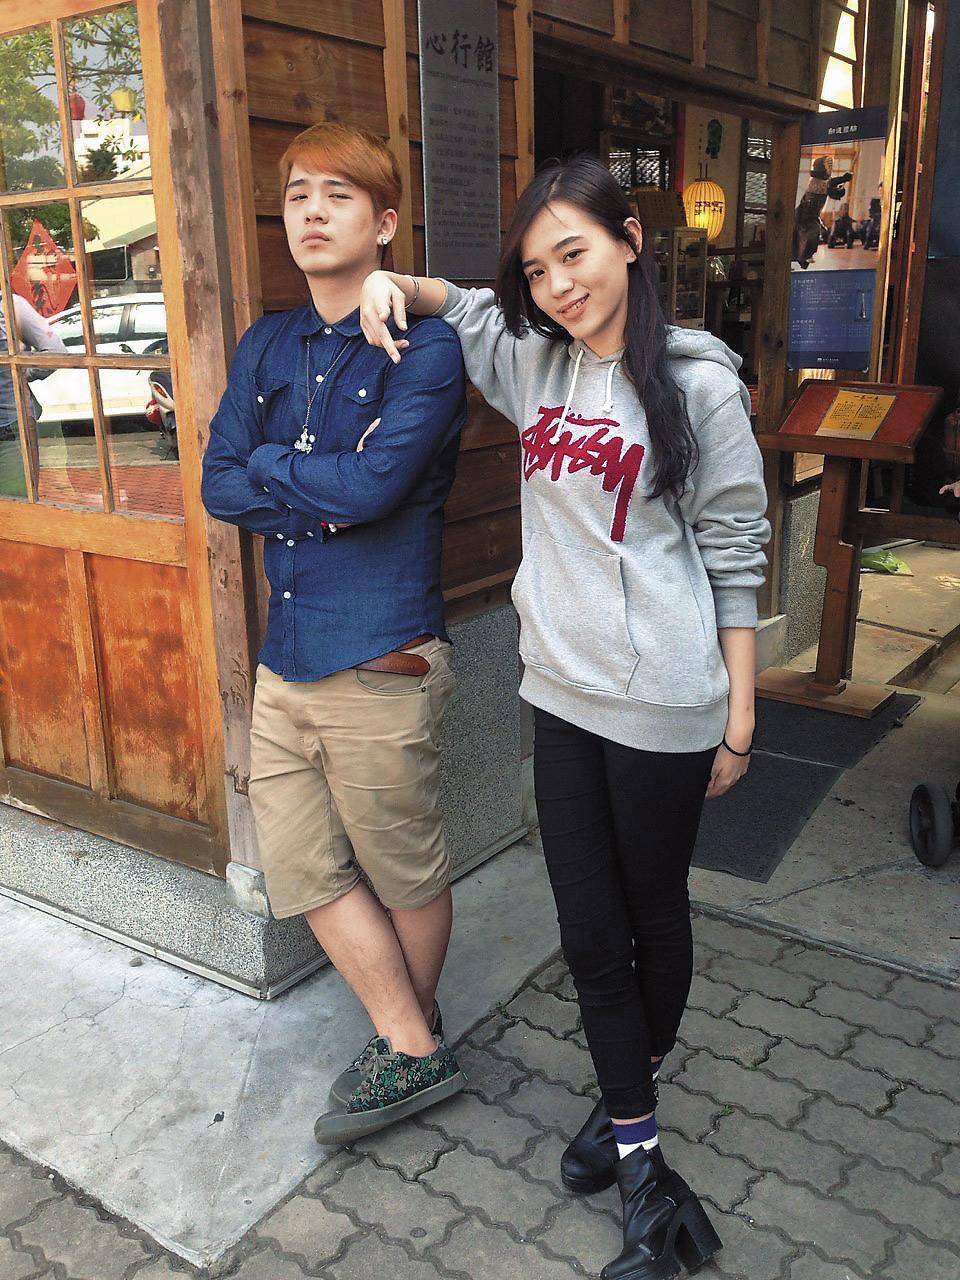 林佩璇(右)的二哥林宏叡(左)十分疼愛她,即使在宜蘭念大學,只要放假,一定回台北探望,讓媽媽都吃醋地說:「他要睡了都會跟妹妹道晚安,對我還不會咧。」(邱蕙娟提供)